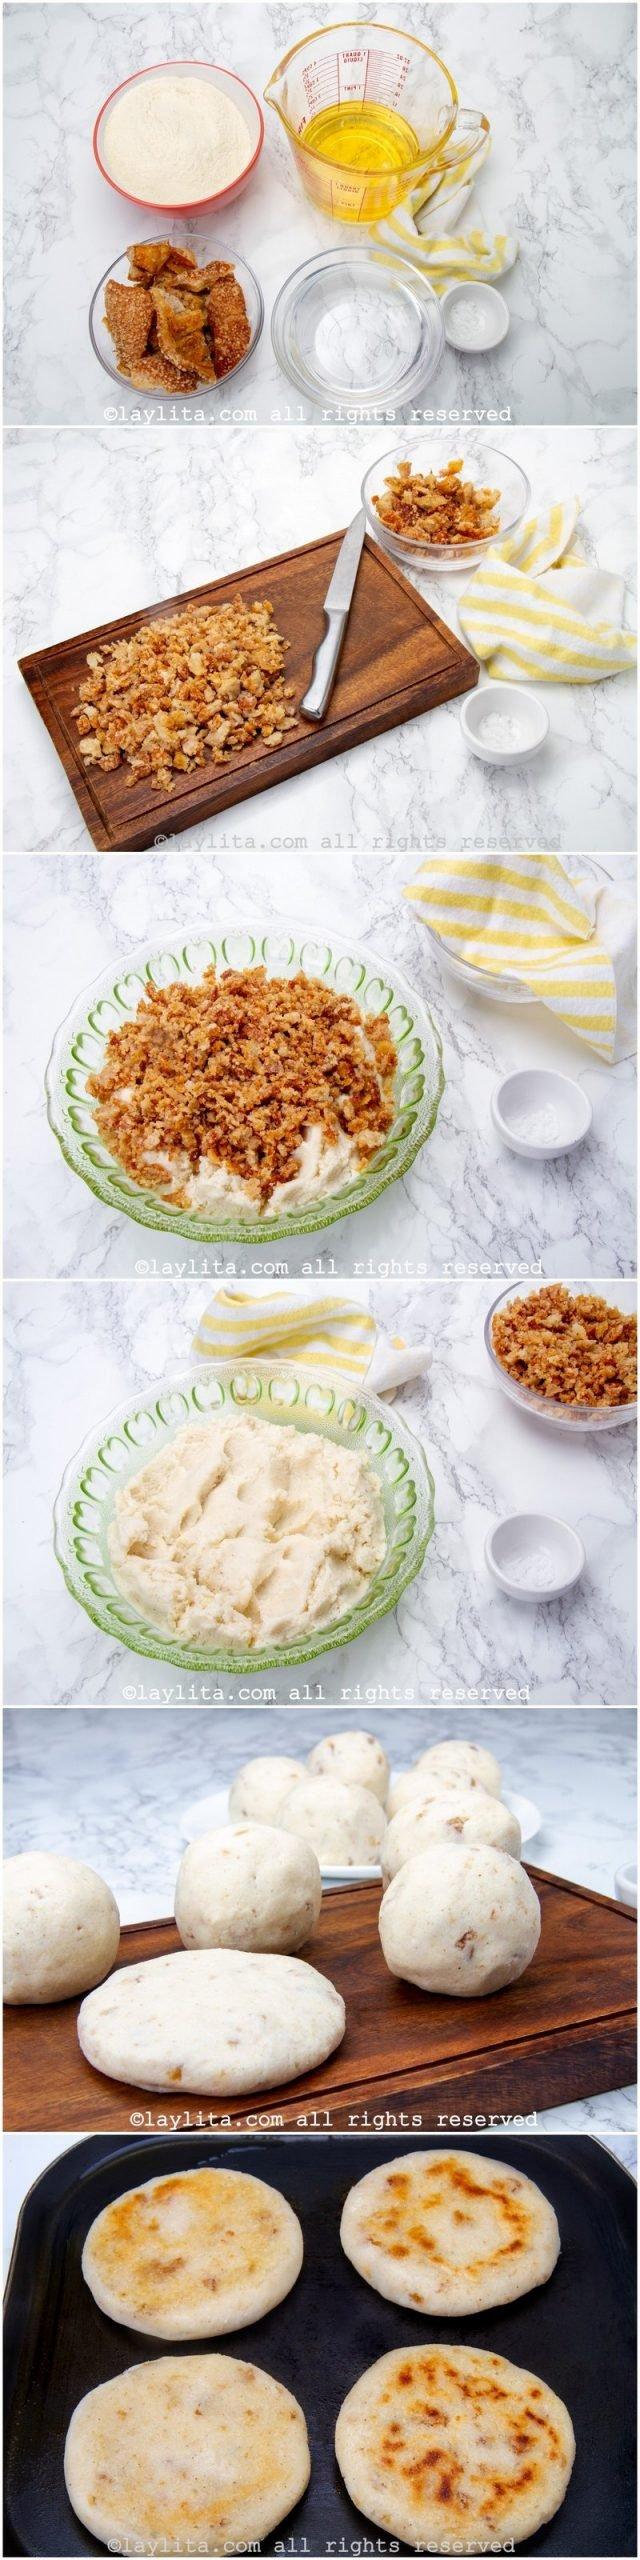 Fotos paso a paso para preparar las arepas de chicharrón